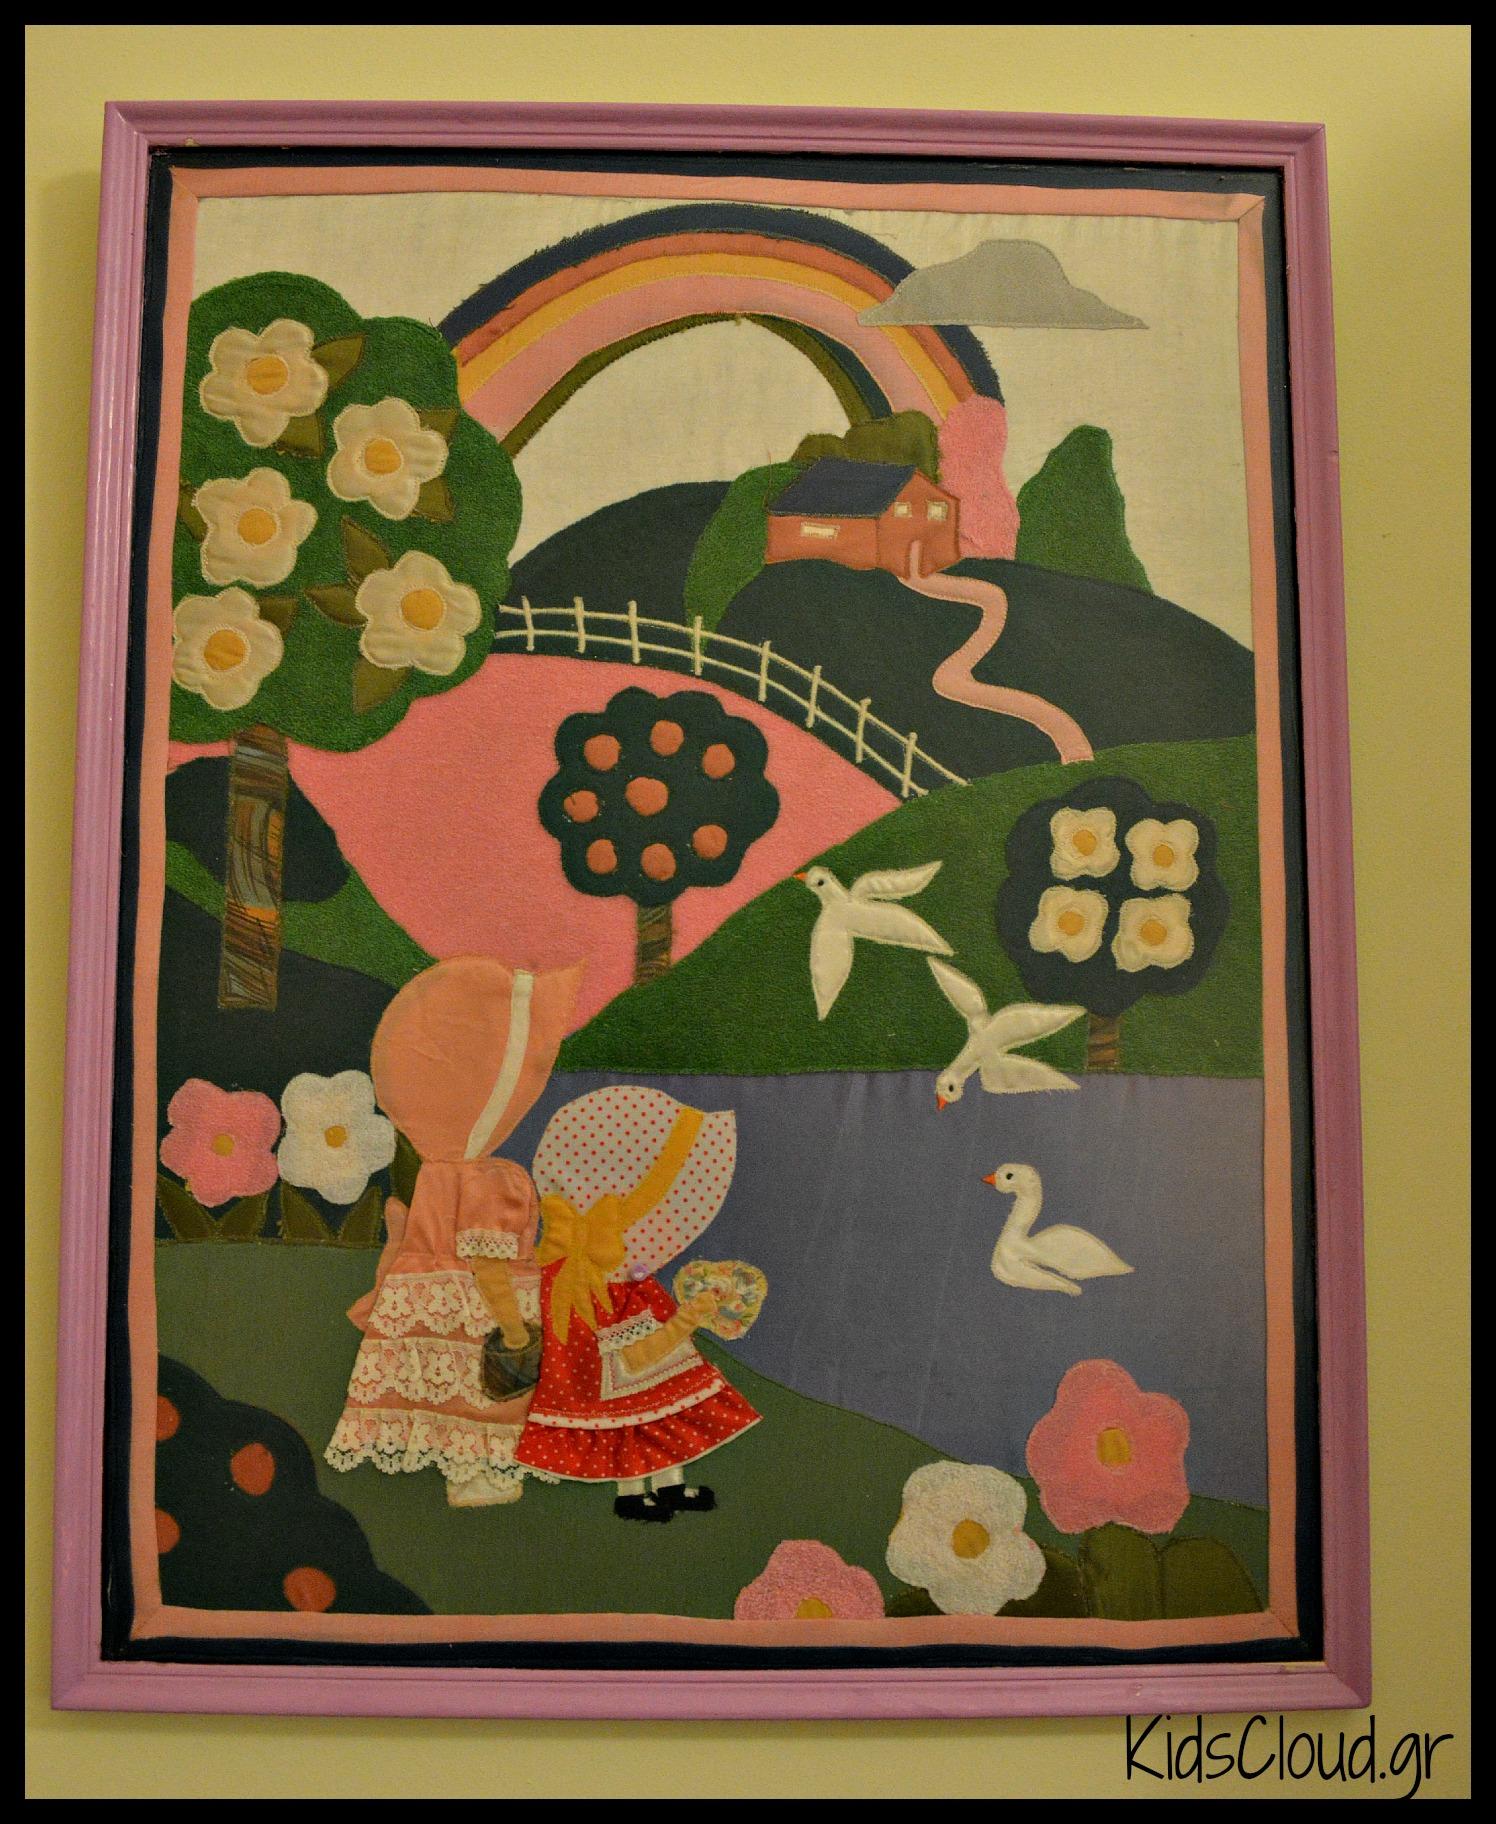 patchwork4 kidscloudgr